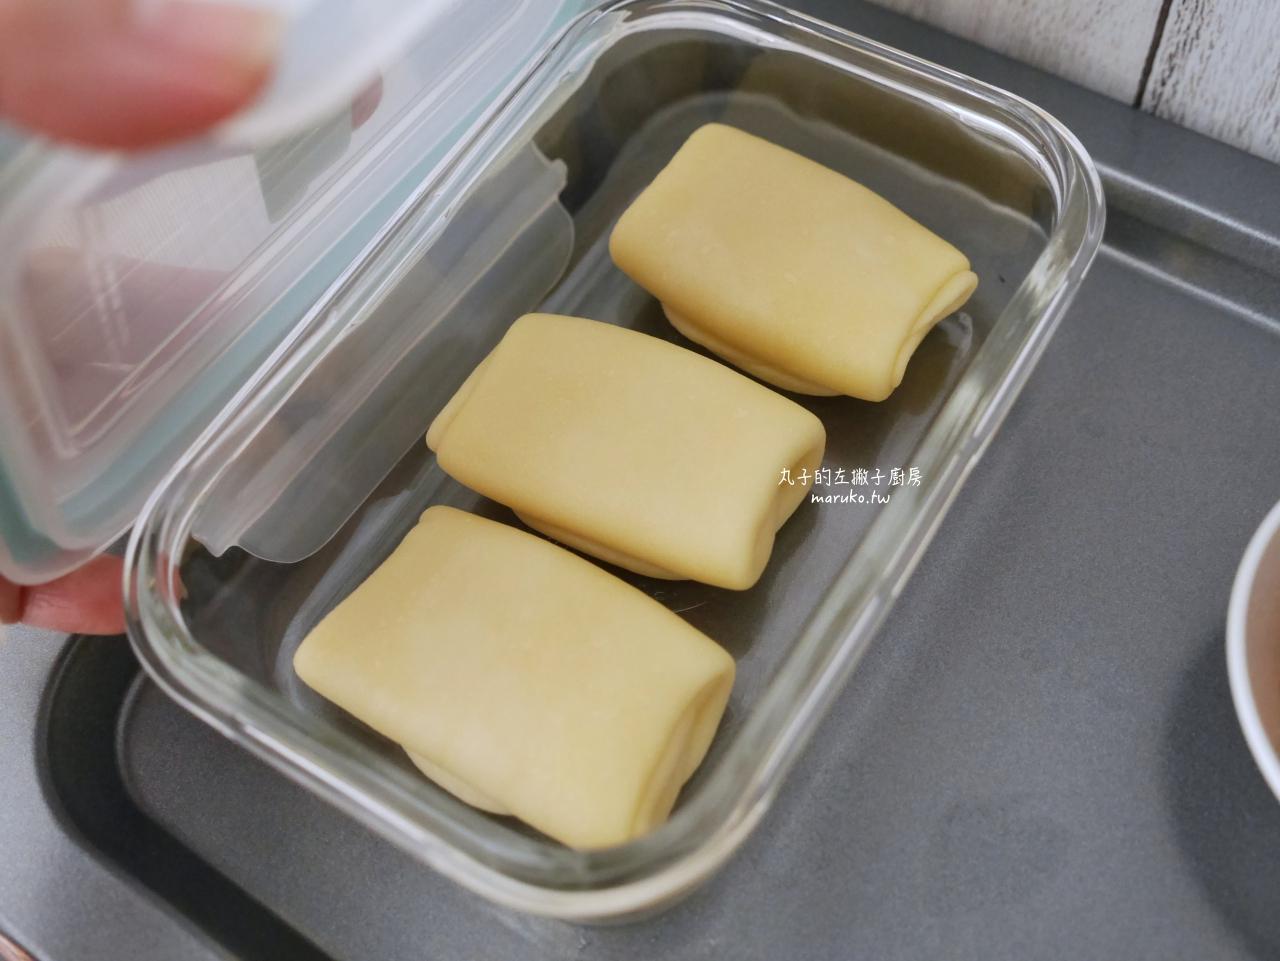 【食譜】肉鬆蛋黃酥 用無鹽奶油做家庭版蛋黃酥 冠軍麵包師傅指定用丹麥奶油 @Maruko與美食有個約會